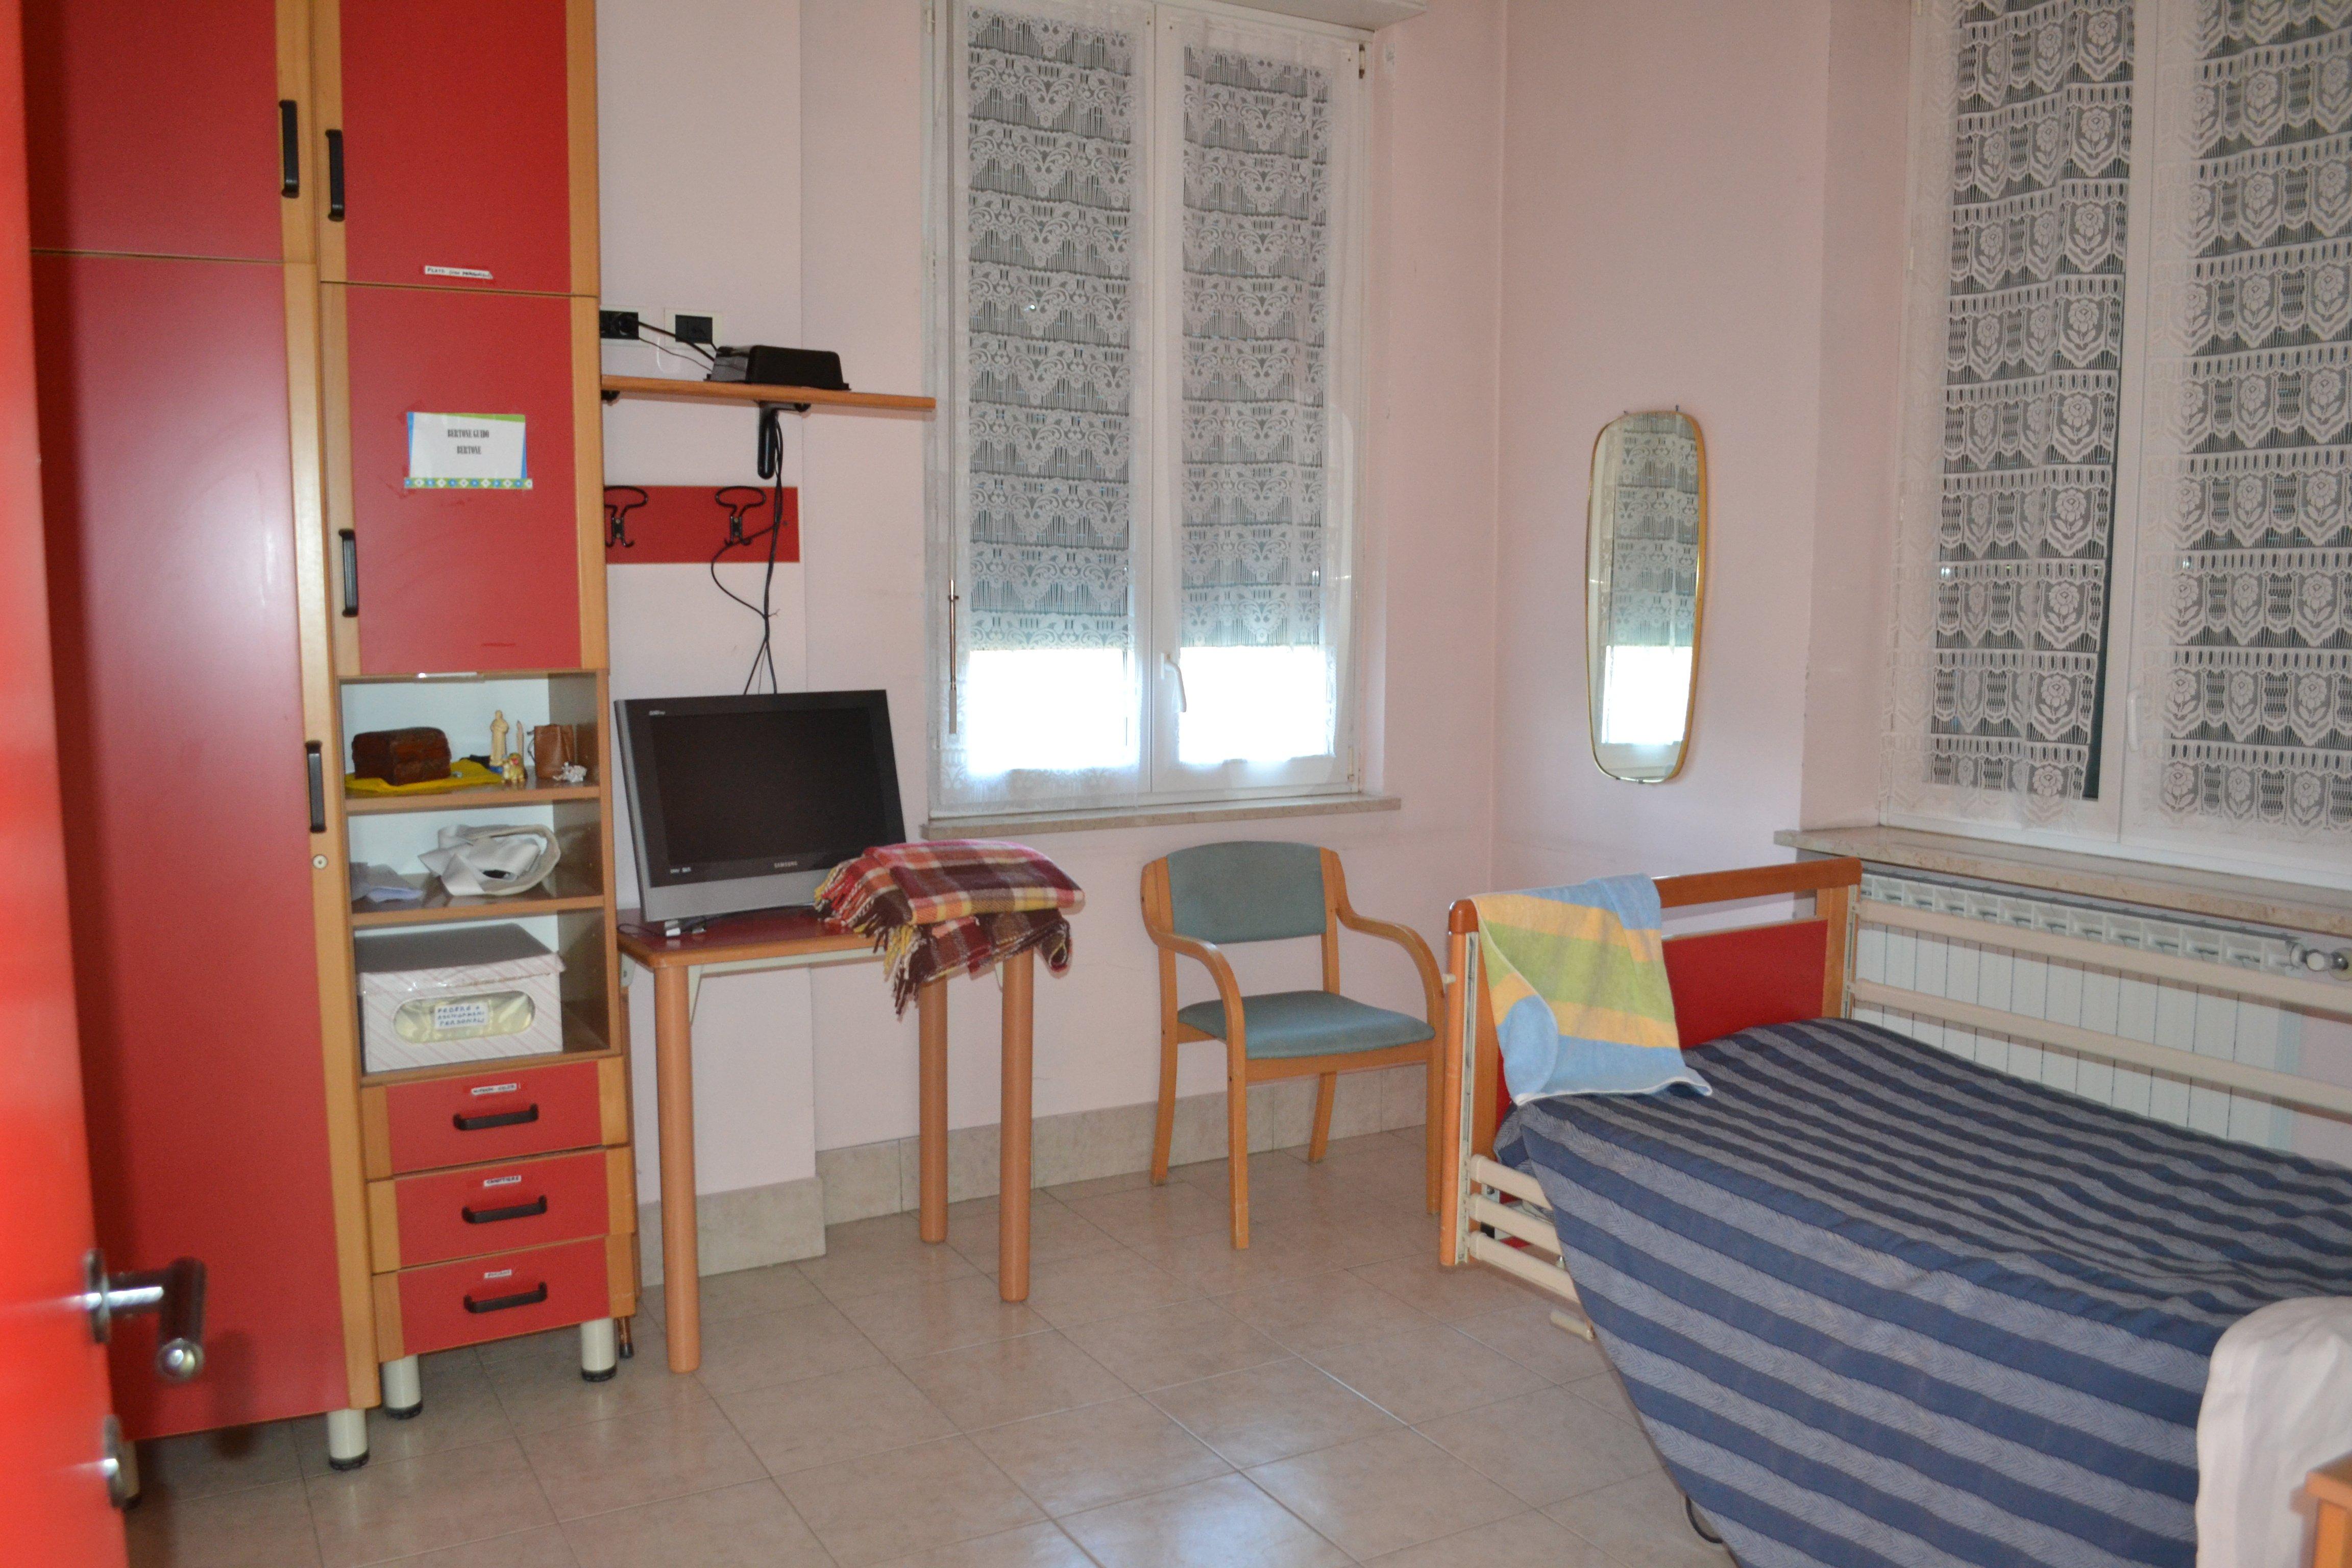 camera con letto, scrivania e computer